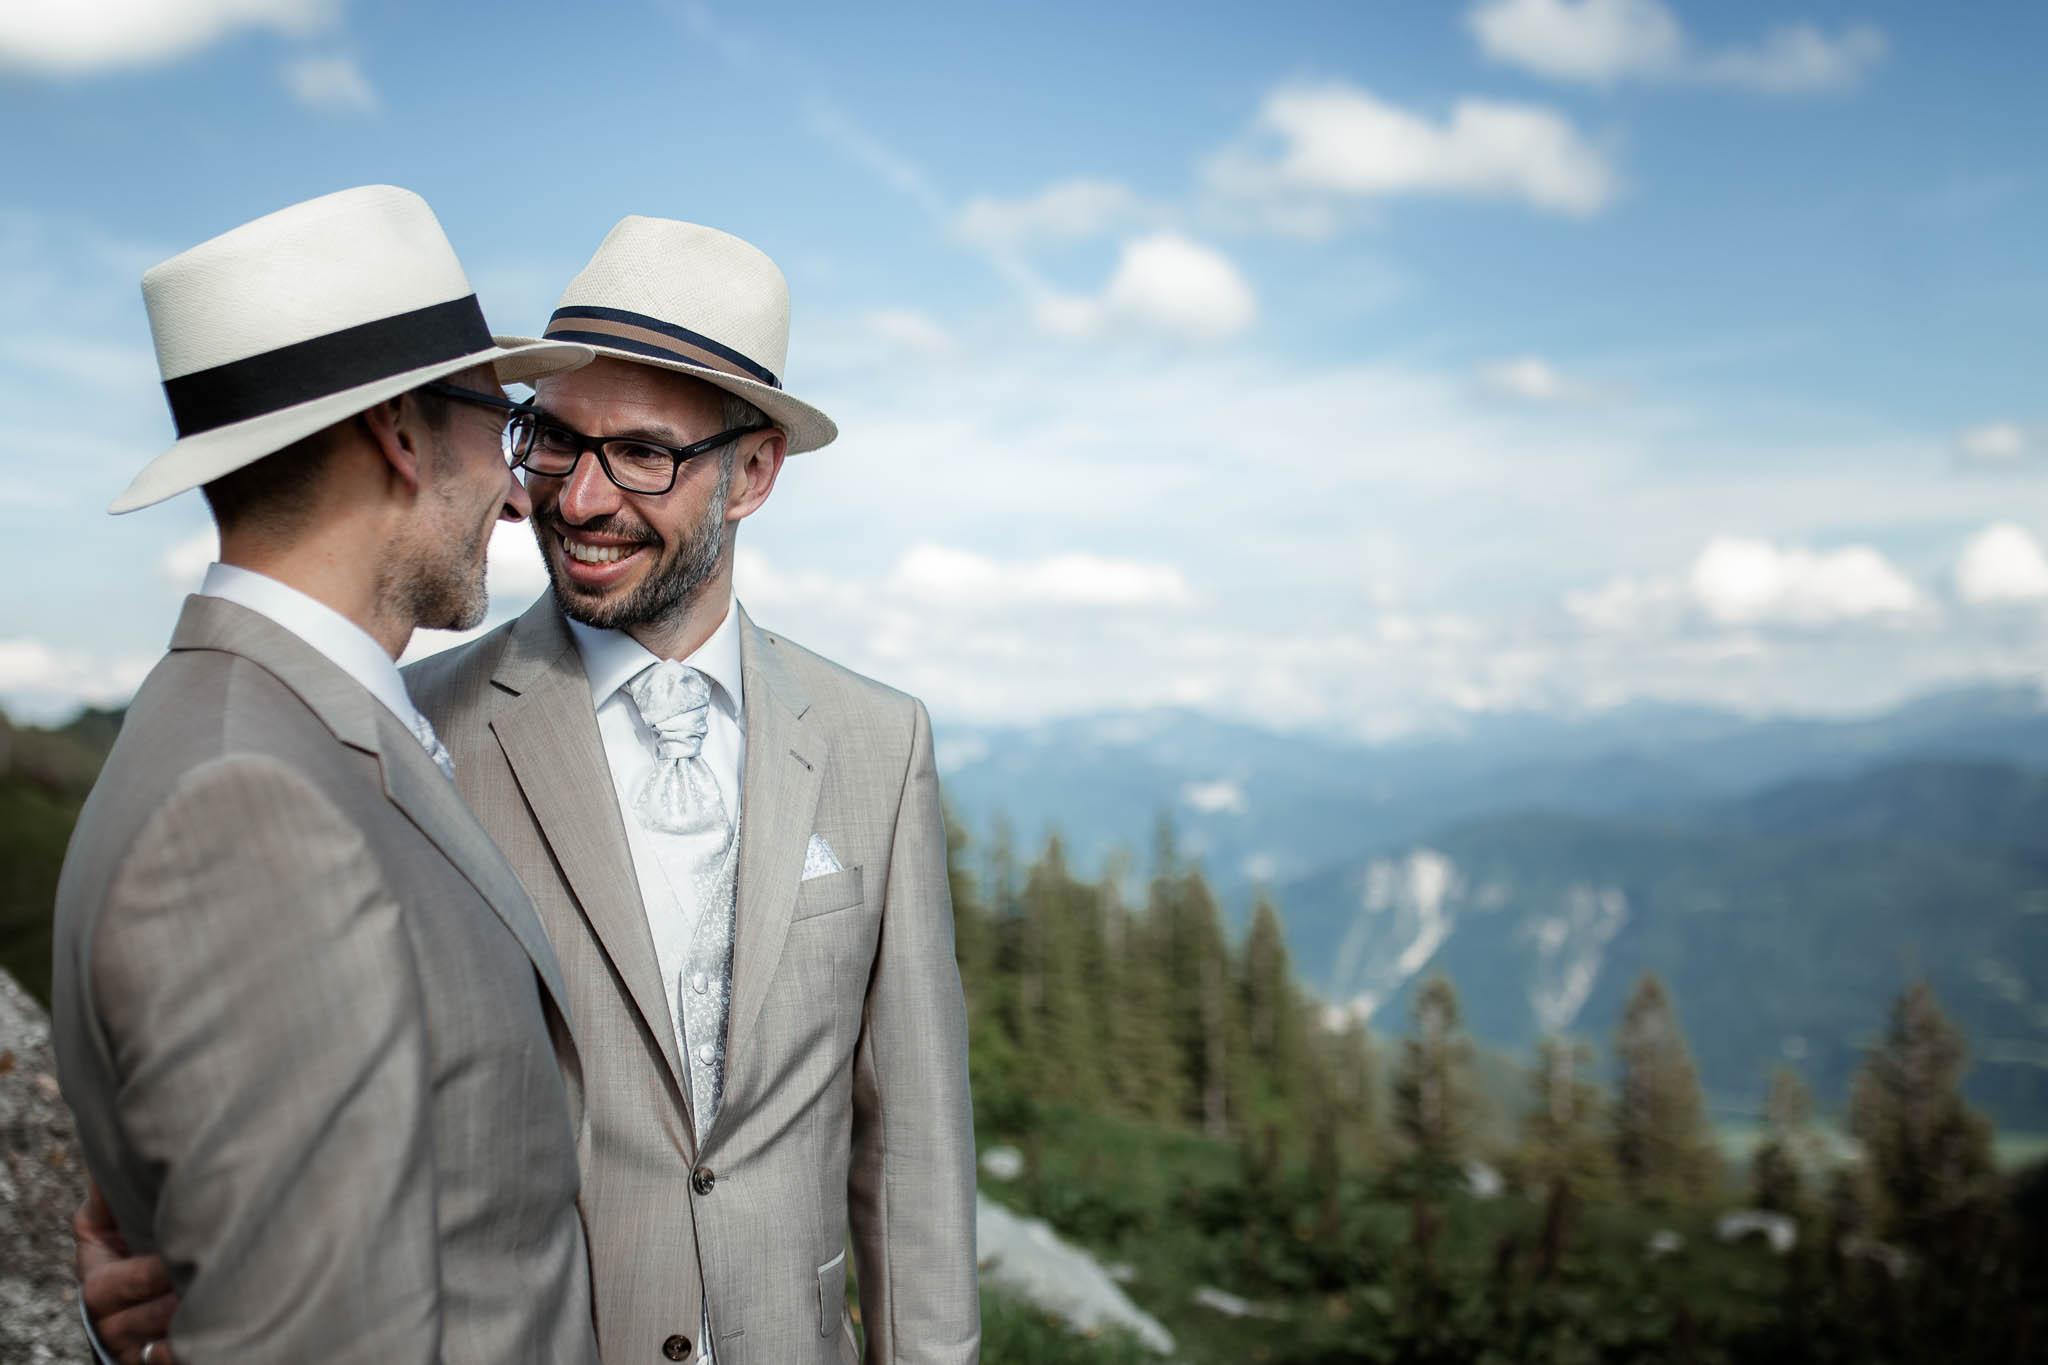 Hochzeitsfotograf Alpen, Chiemgau: freie Trauung von Dennis & Dirk 55